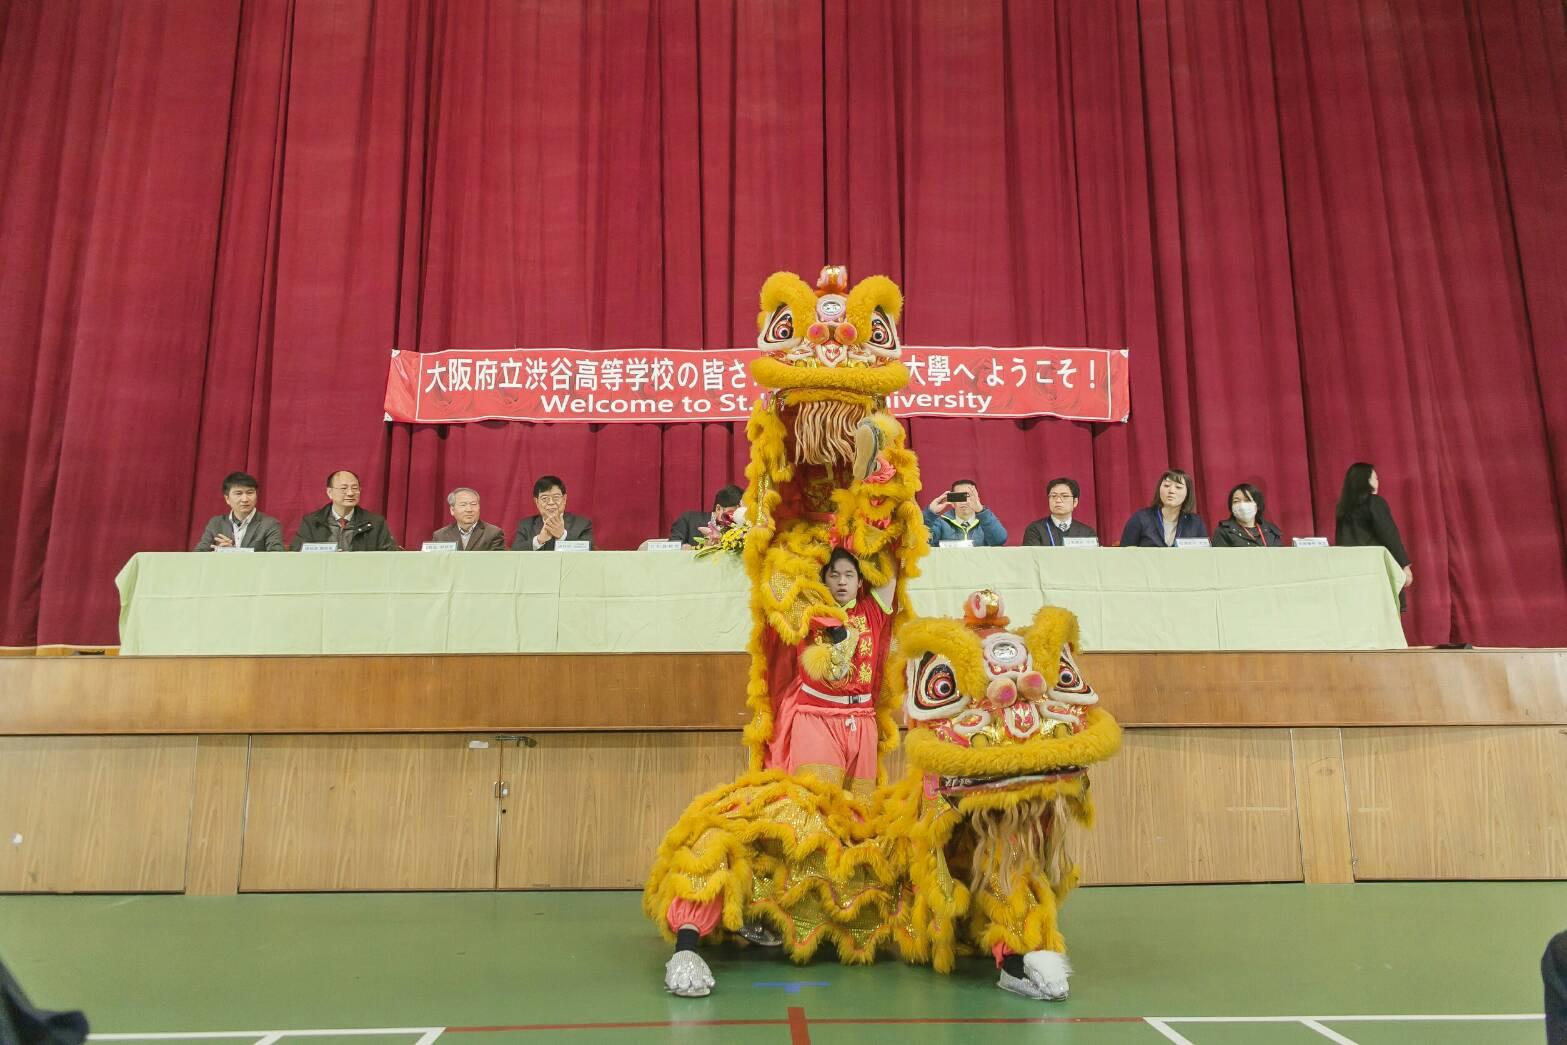 聖約大民俗代表隊表演舞獅表達熱忱歡迎之意,令涉谷高校學生覺得驚喜